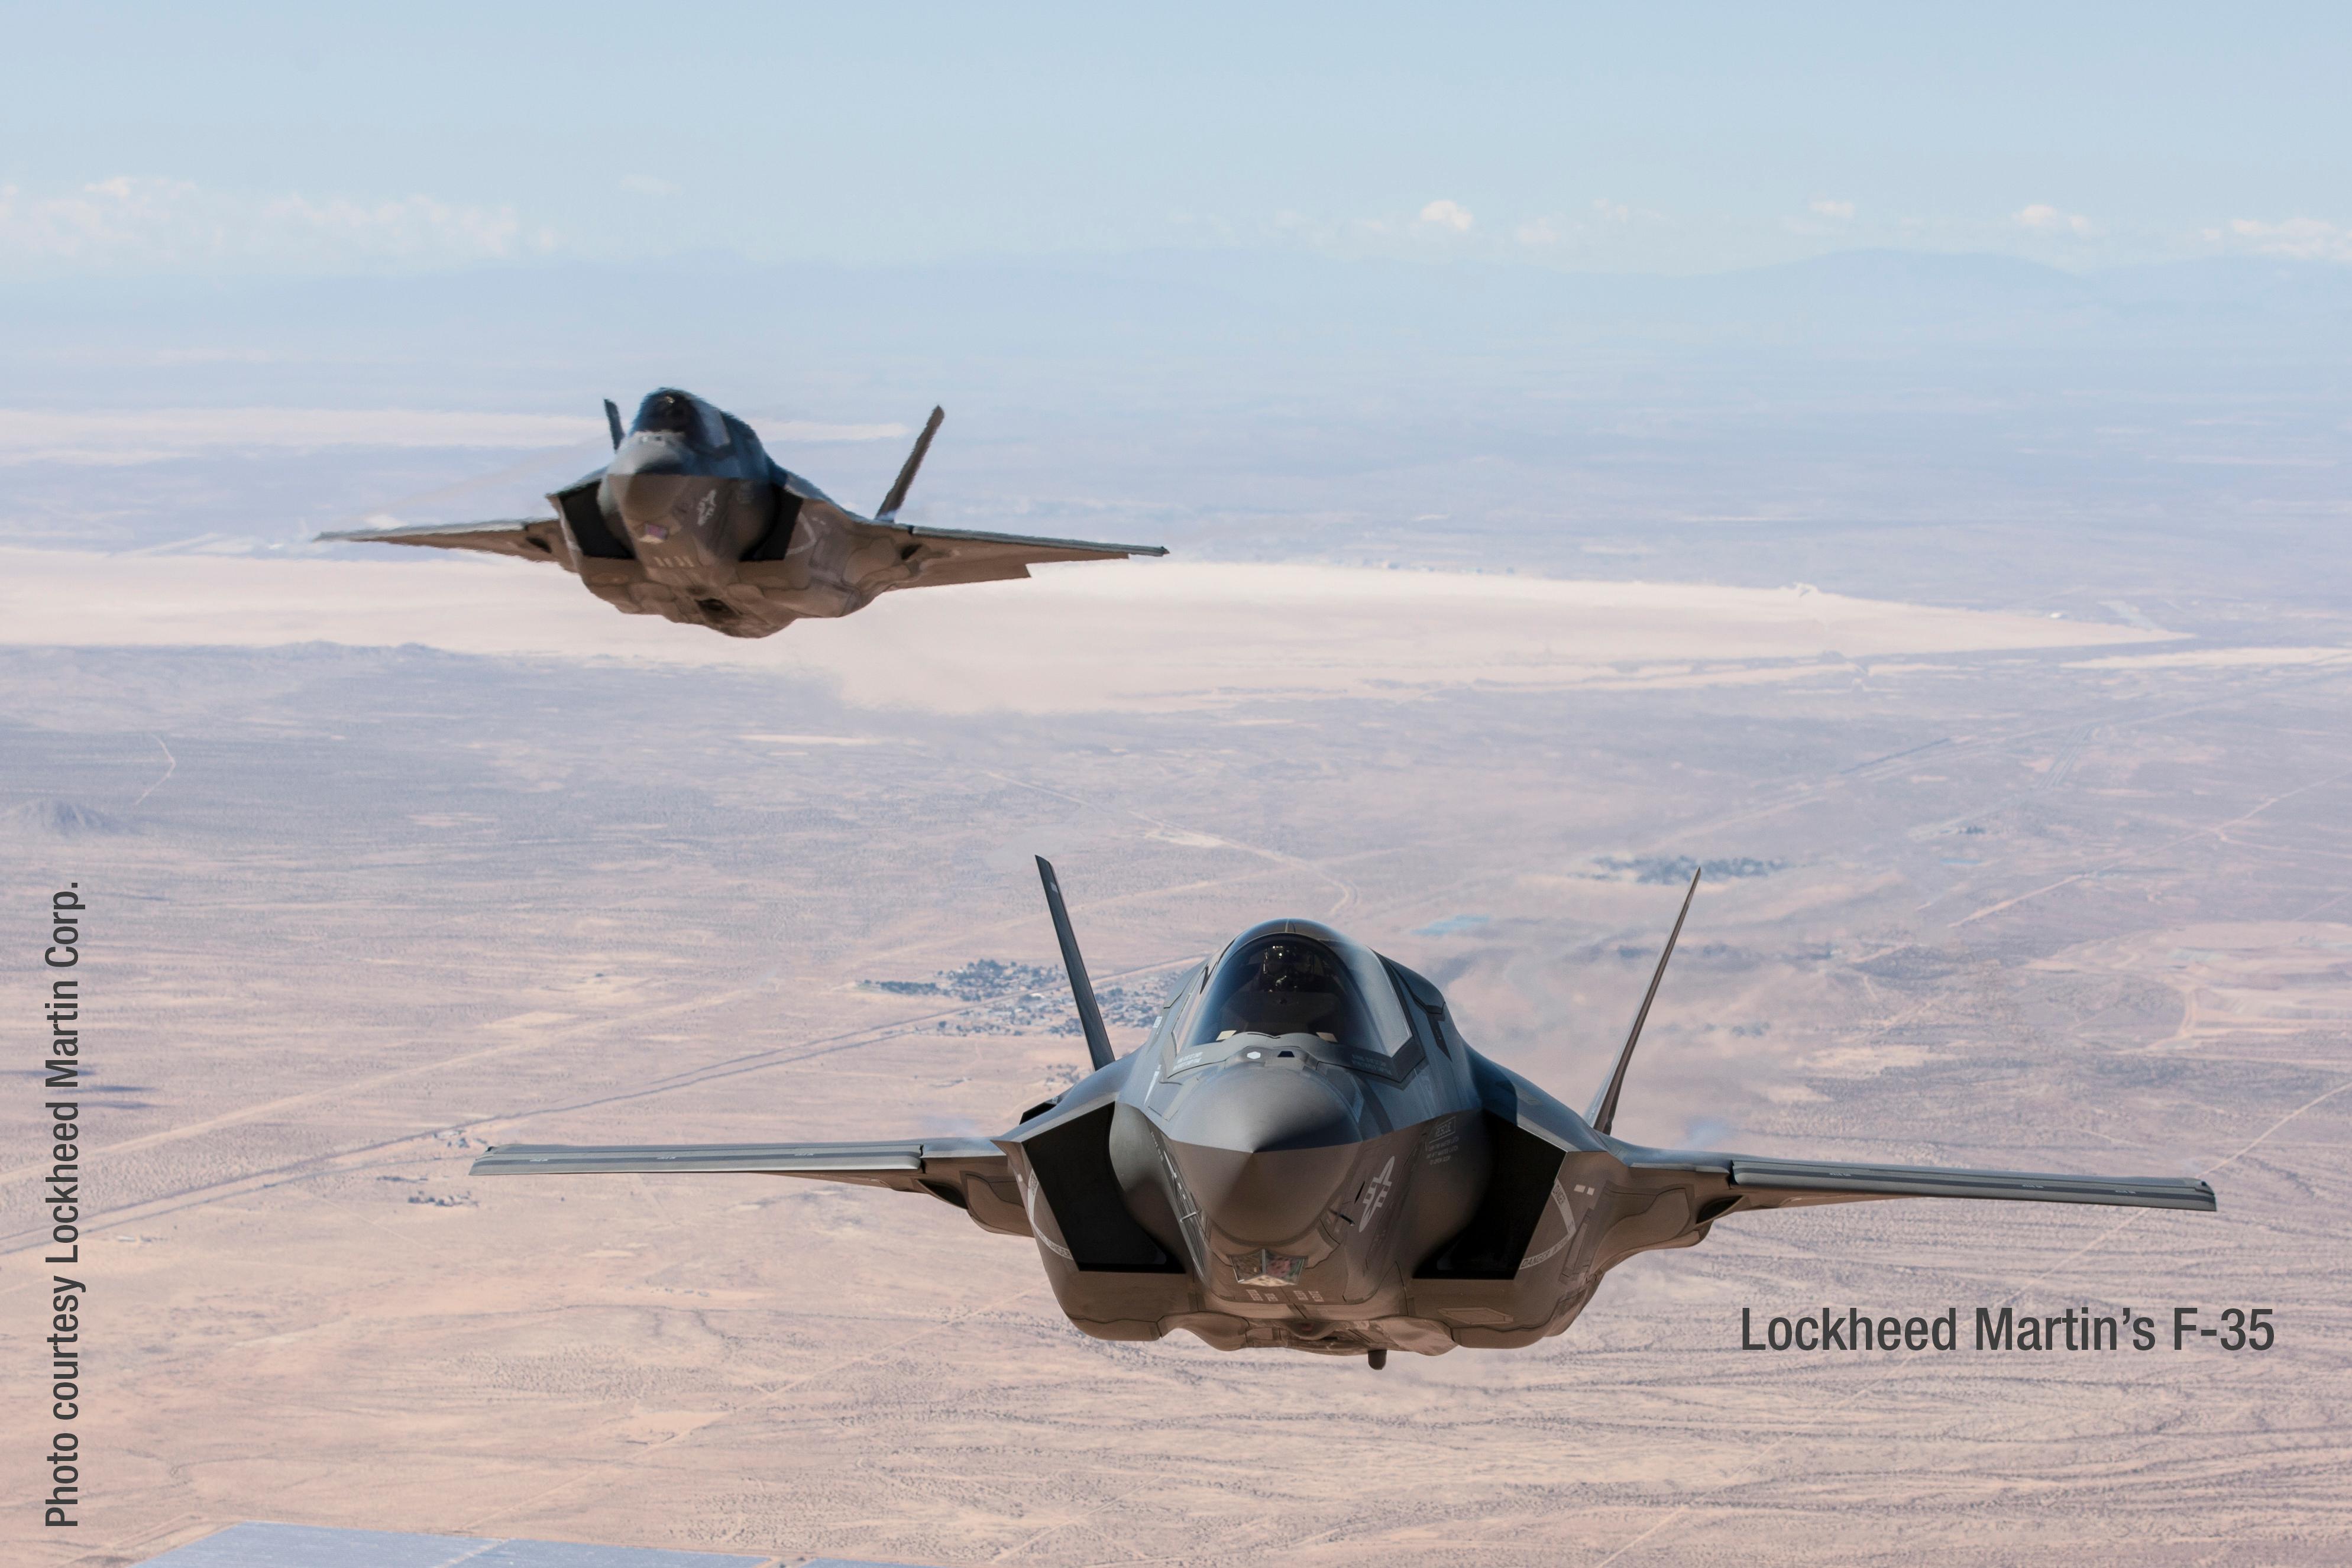 Lockheed Martin F-35 in Flight